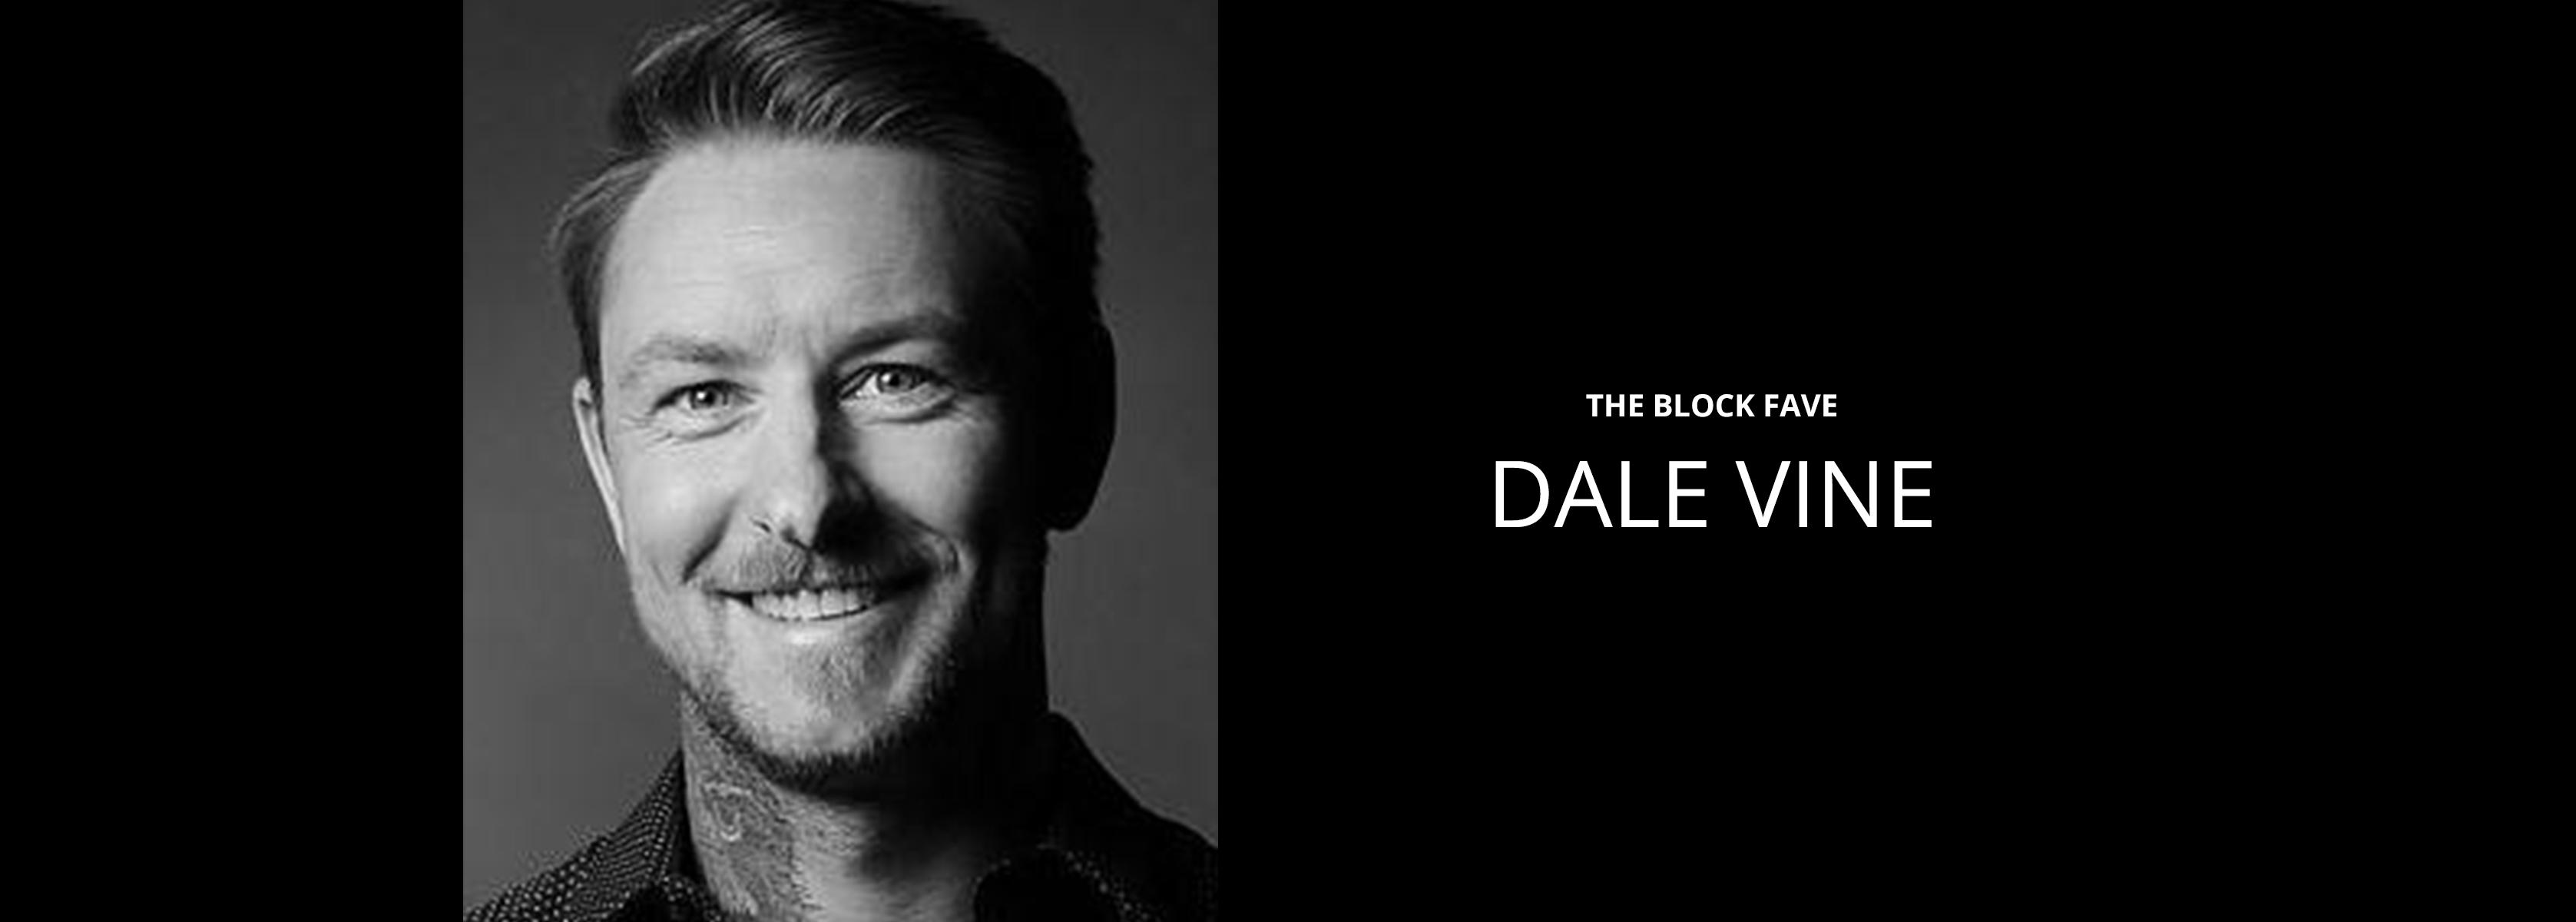 Dale Vine - The Block Fave - Bravo Talent Management